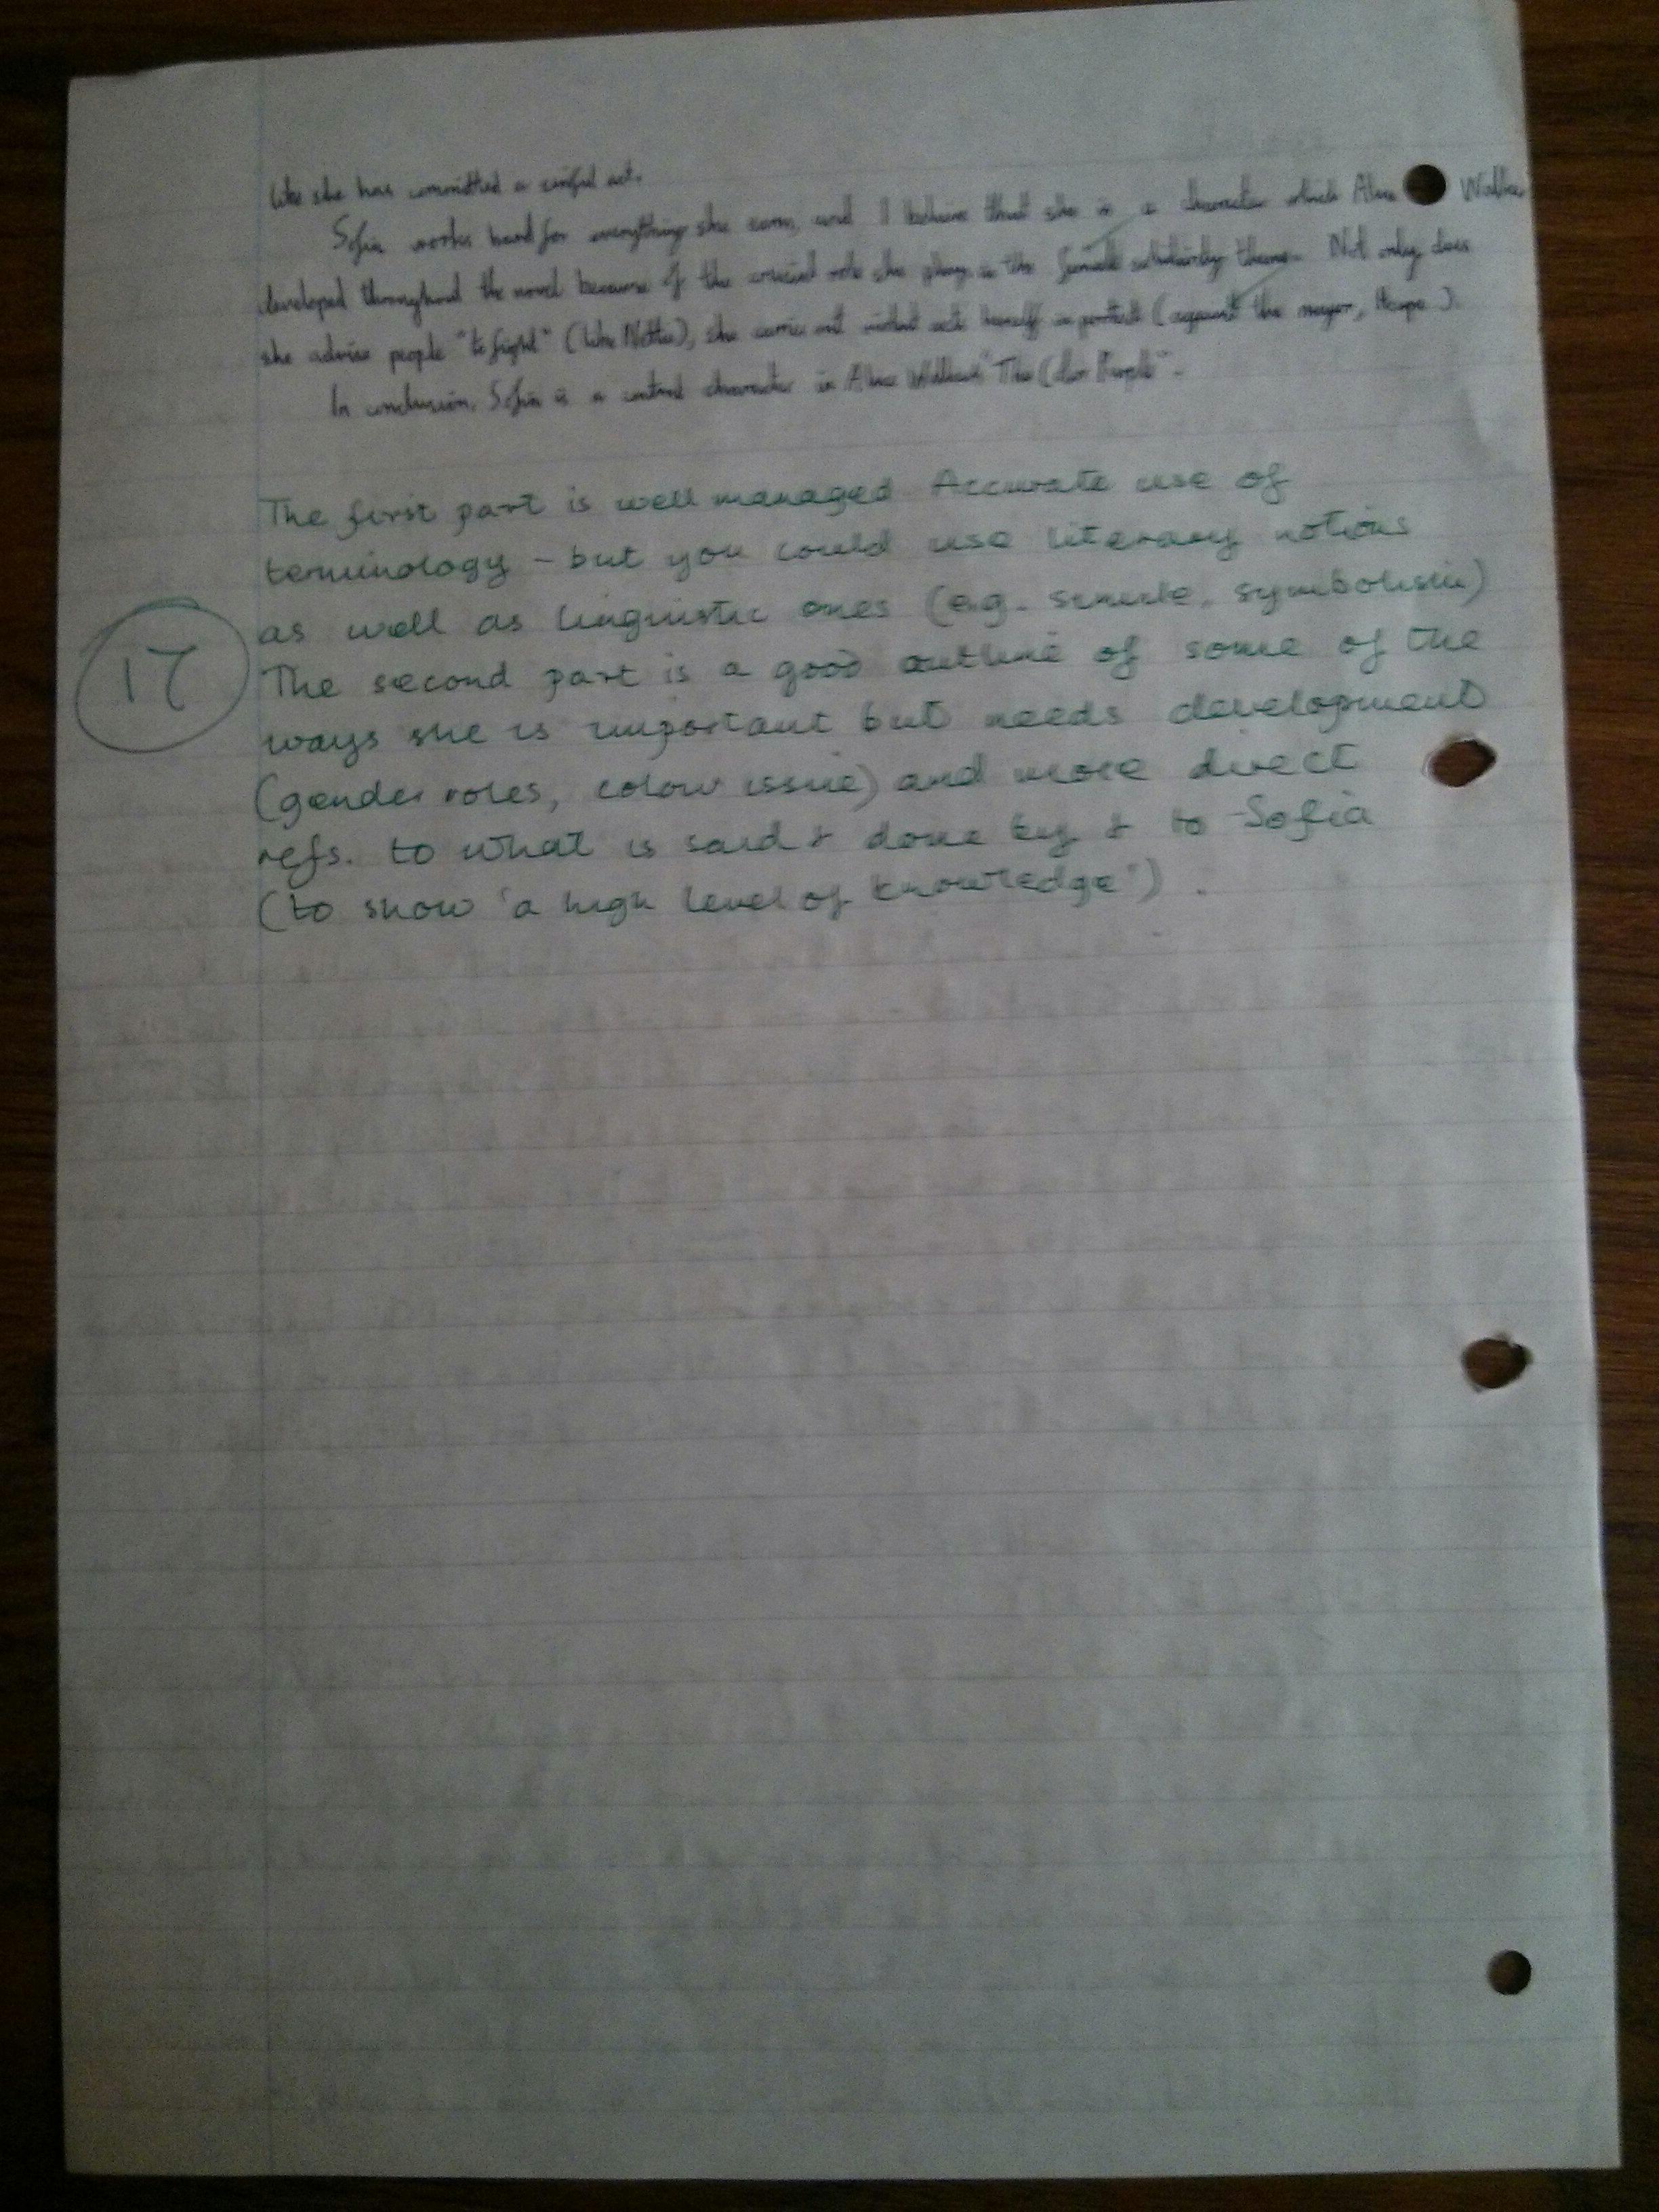 Color Purple Essay cnc supervisor cover letter crop consultant ...